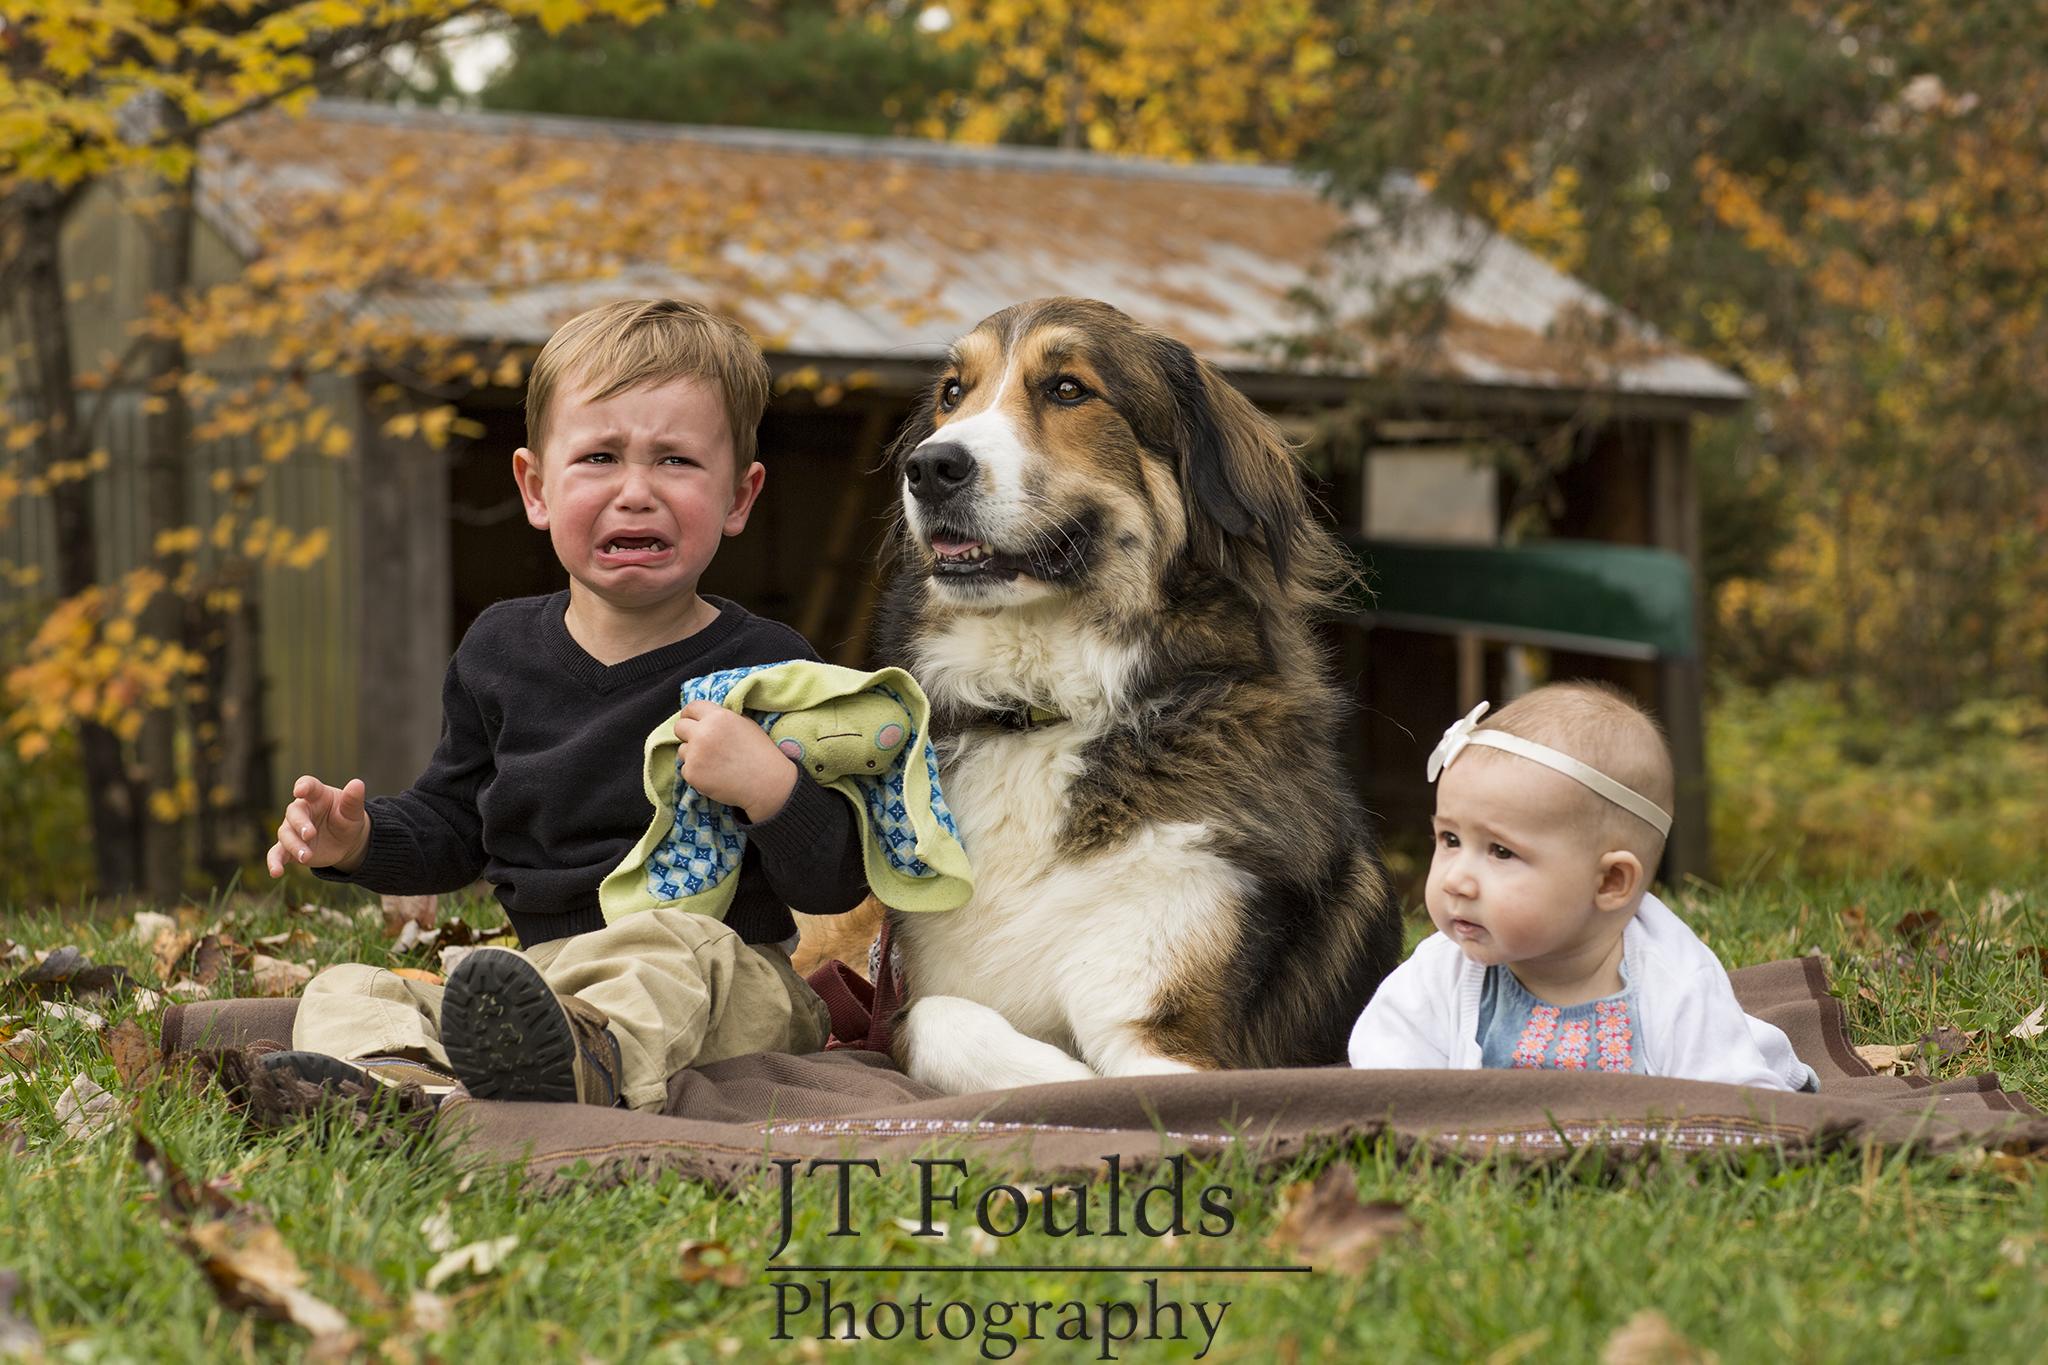 Amaral Family Shoot - 21 Oct '17 - 01.JPG